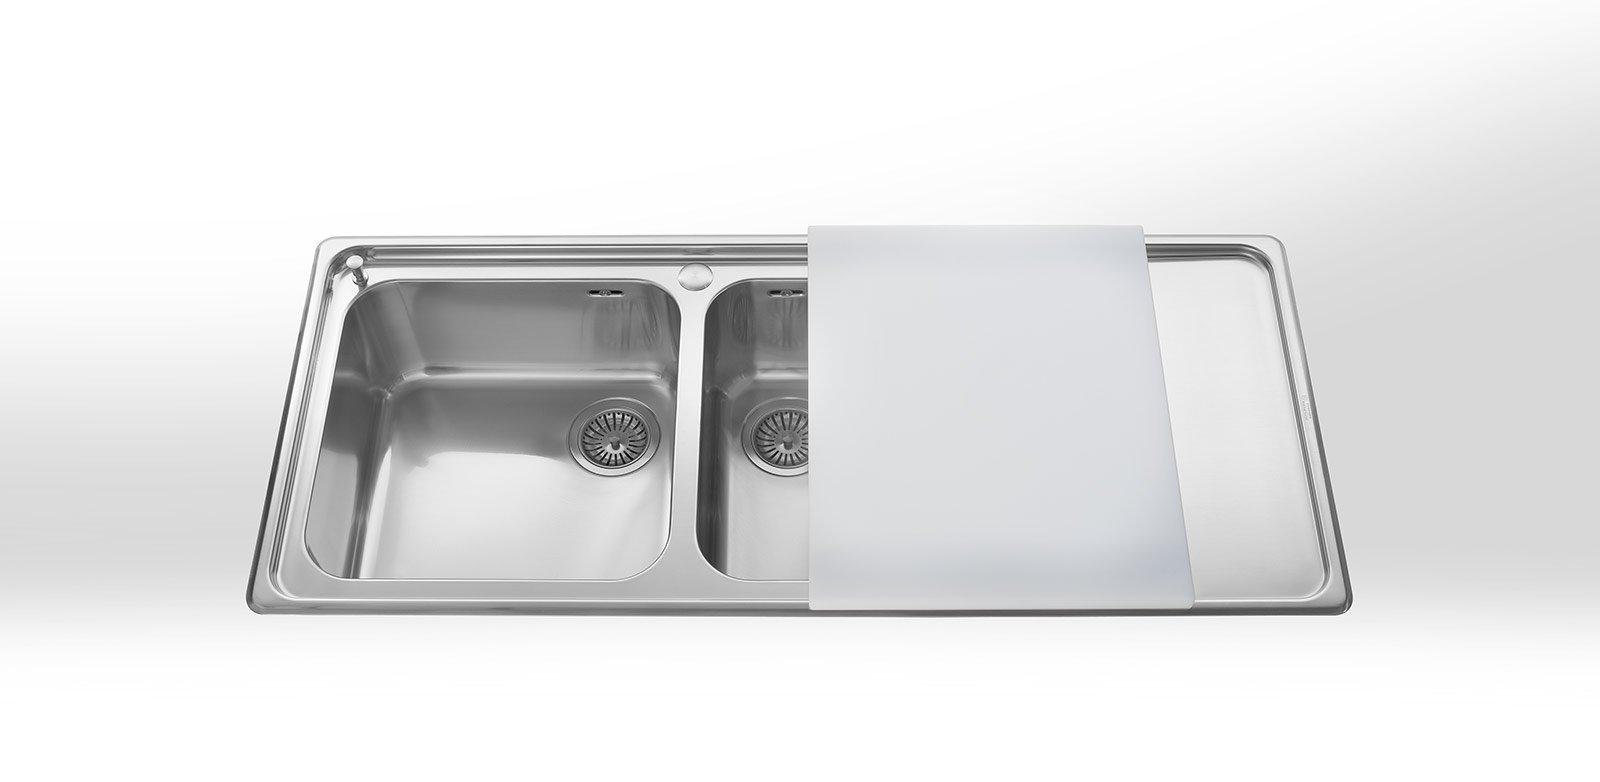 Lavelli come sceglierli cose di casa for Lavelli cucina inox